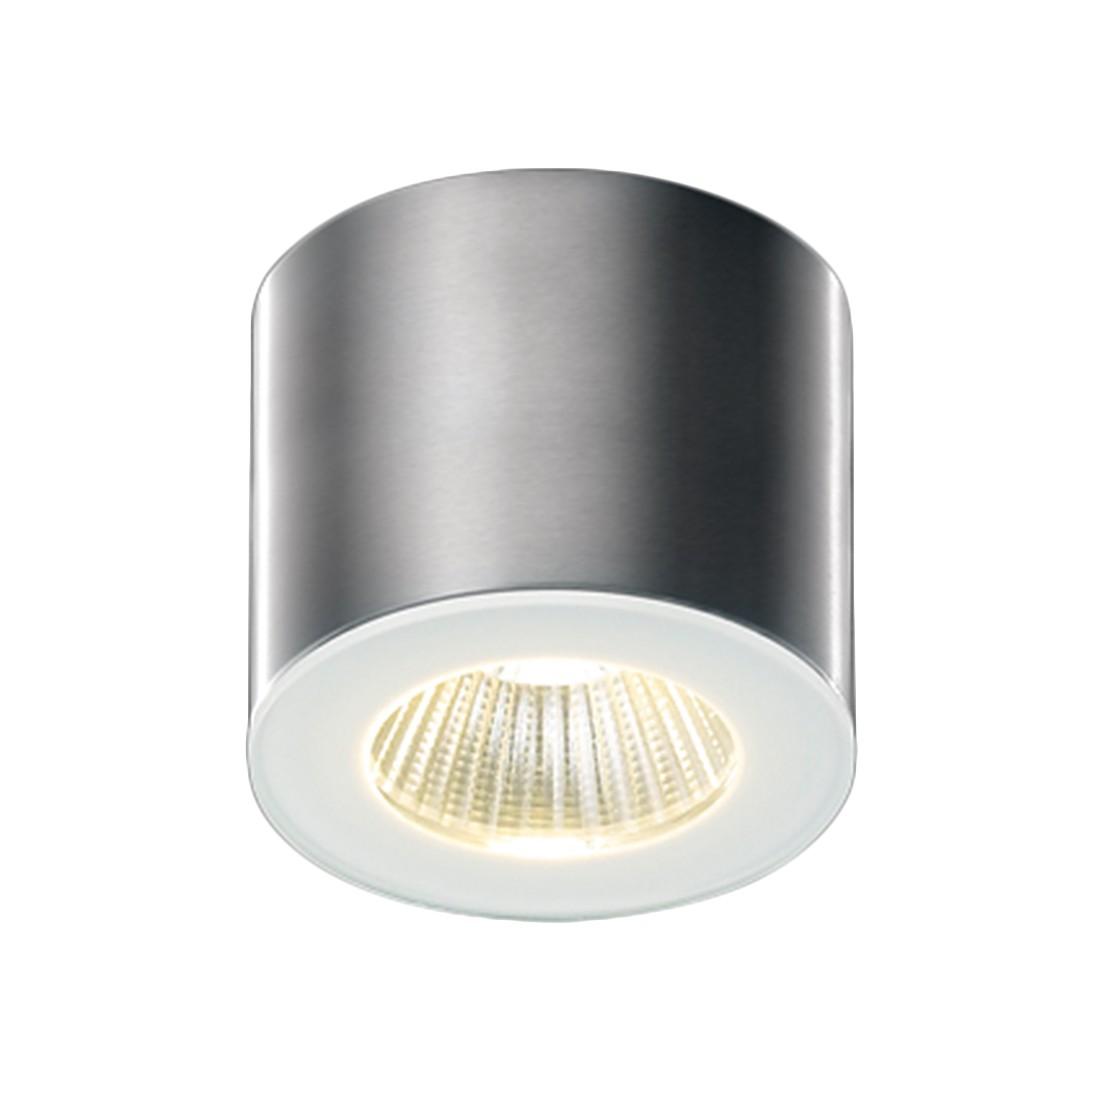 EEK A+, Deckenleuchte OSO - Metall - Silber, Helestra